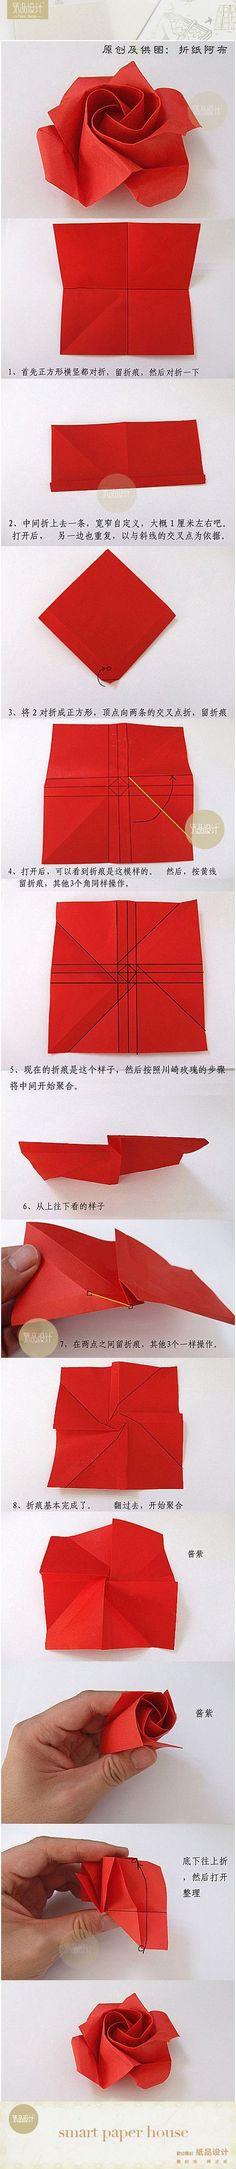 evde-origami-kagittan-gul-yapmak.jpg 430×3,952 pixels